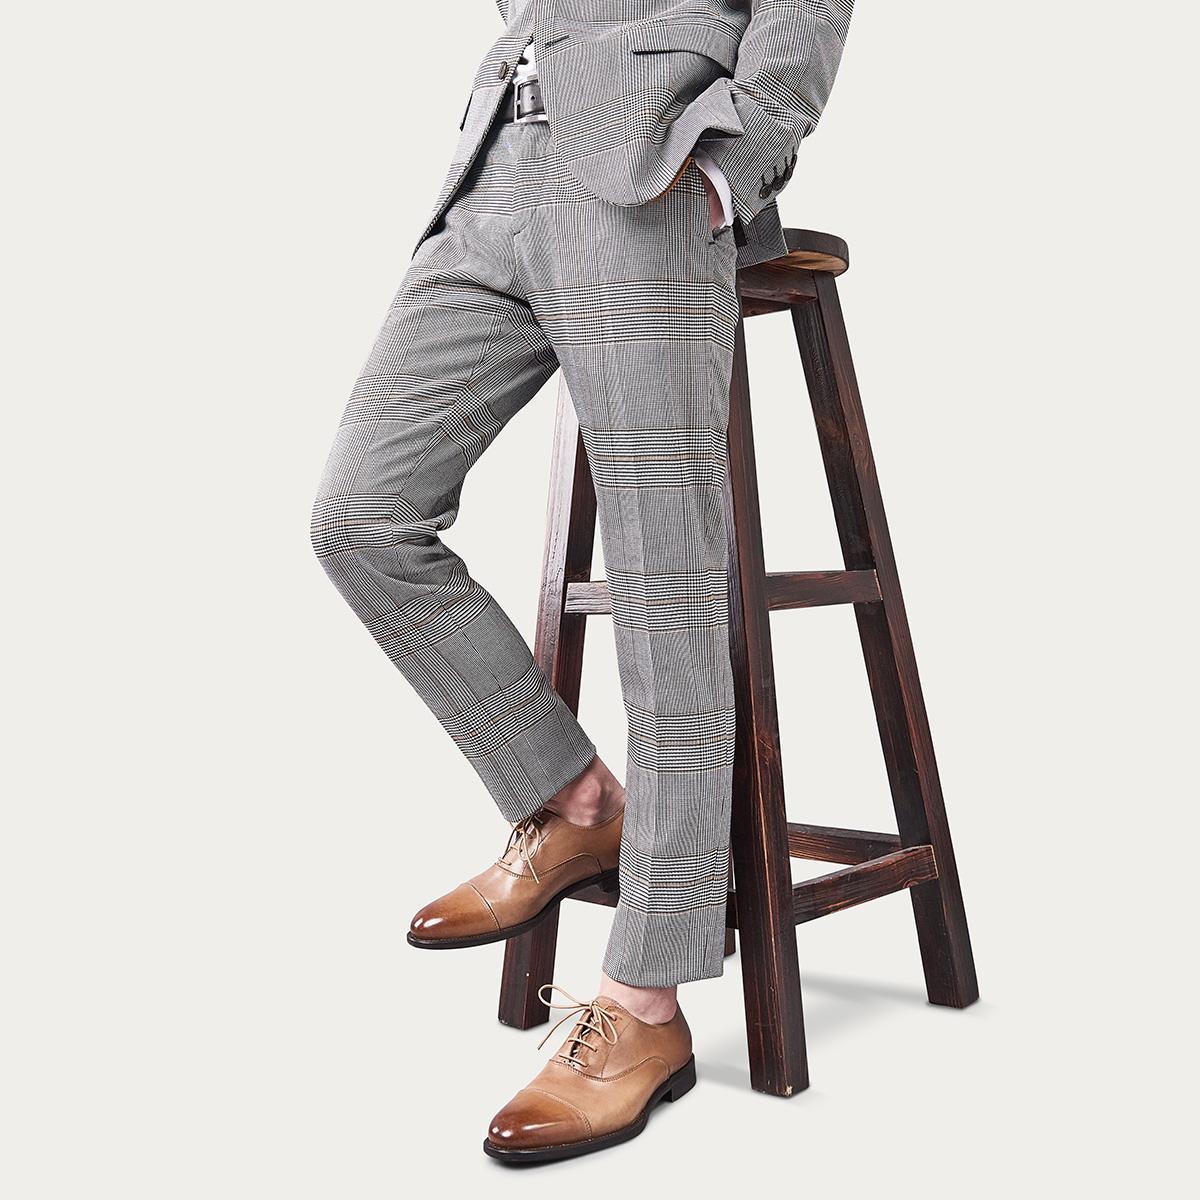 爱得堡三折头商务正装皮鞋西装鞋男英伦德比鞋系带牛津鞋休闲鞋